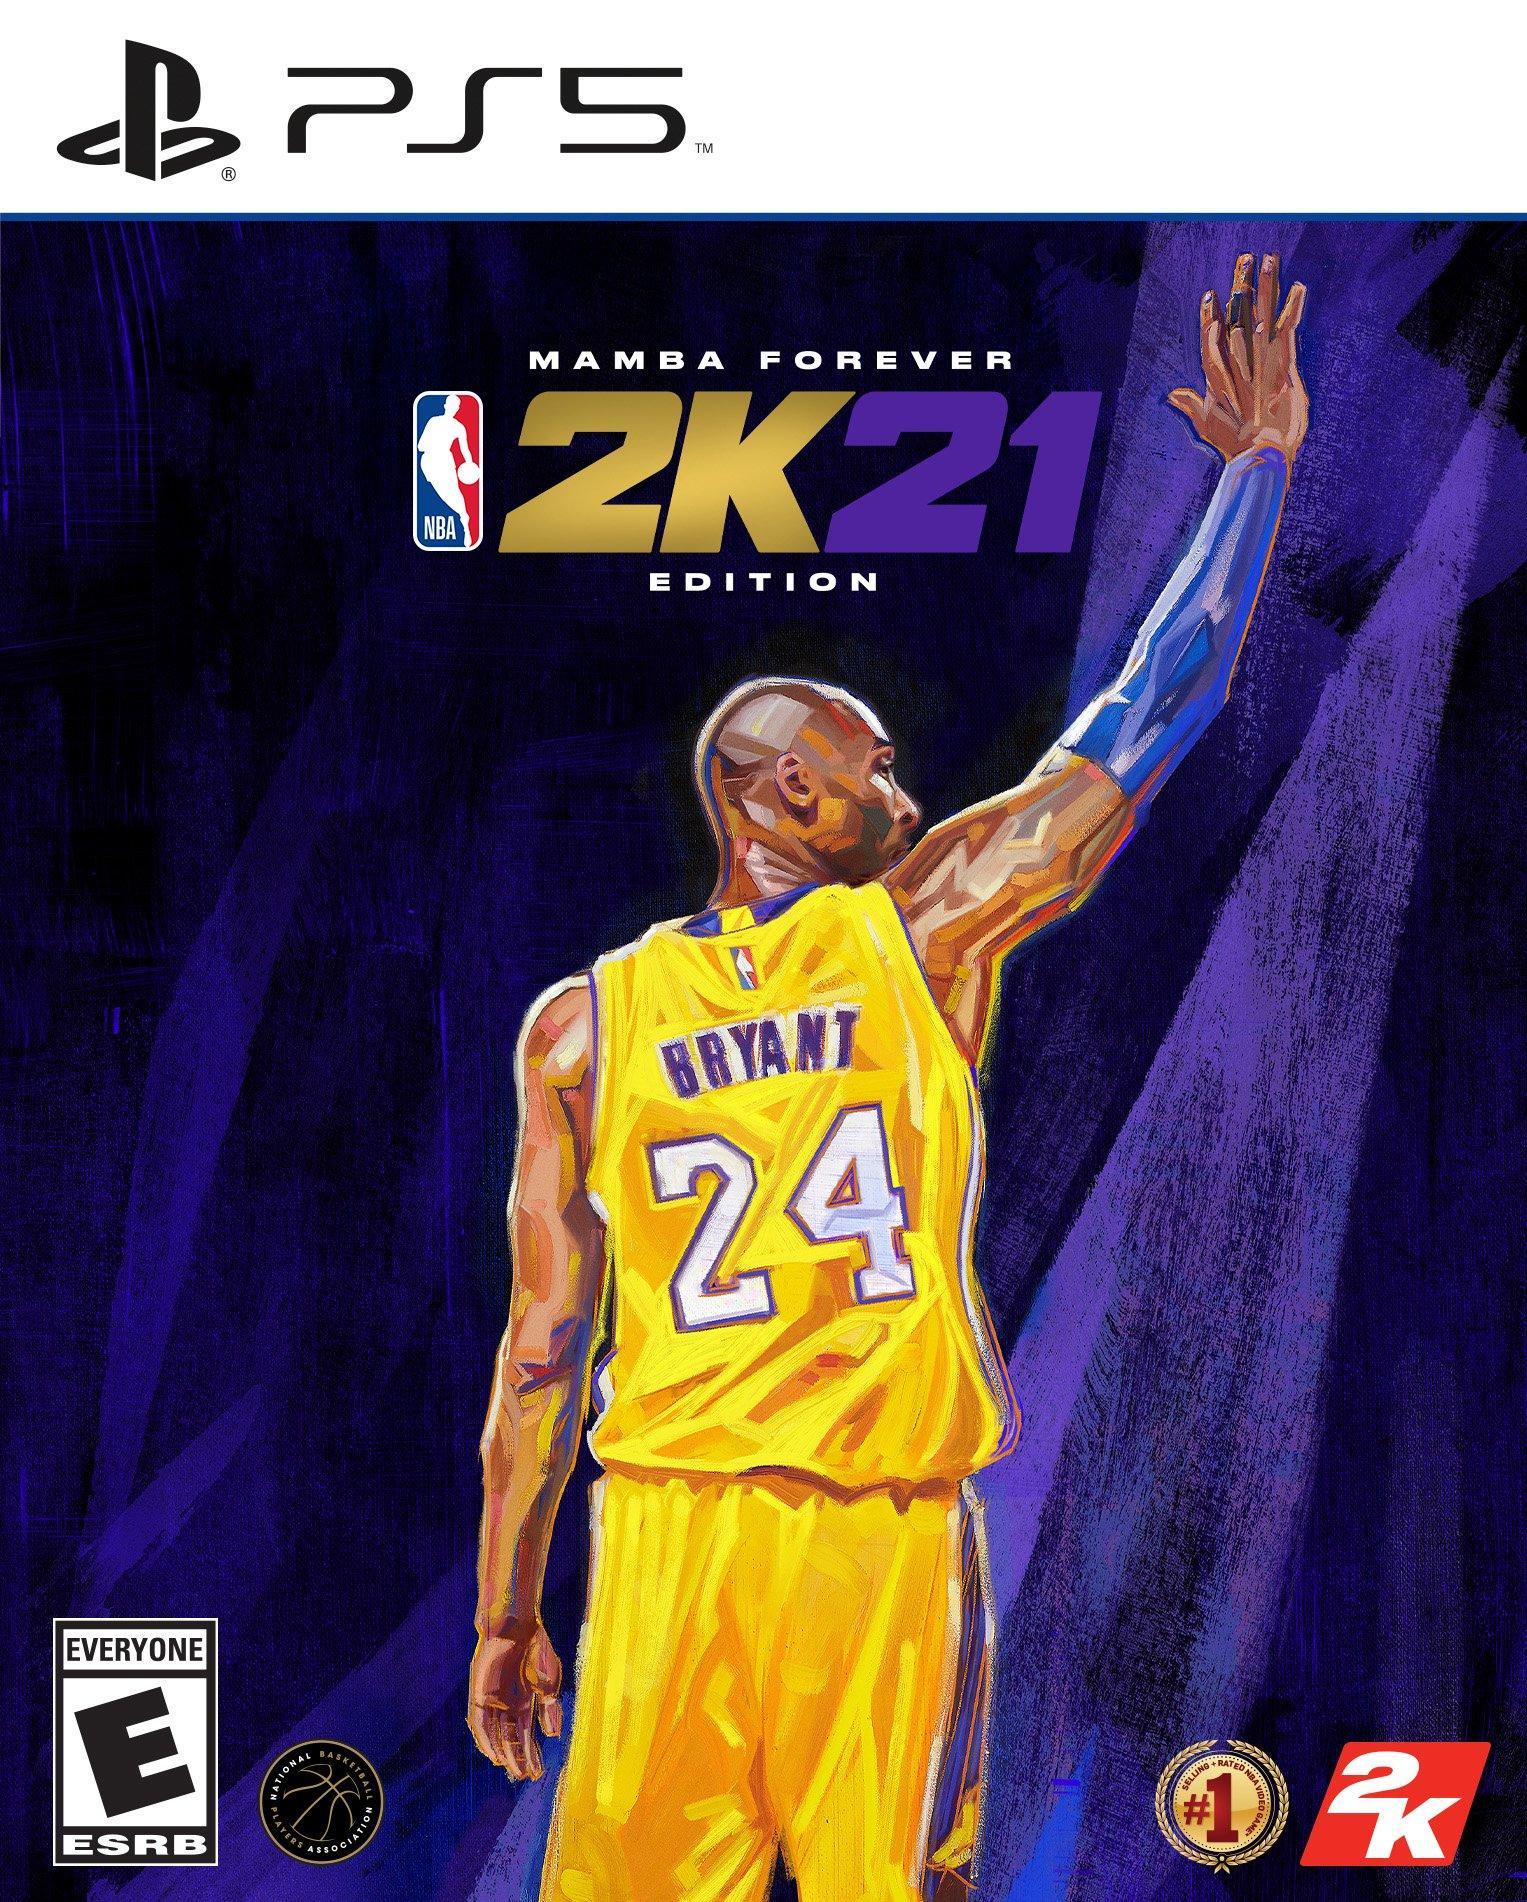 Nba 2k21 Mamba Forever Edition Playstation 5 Gamestop